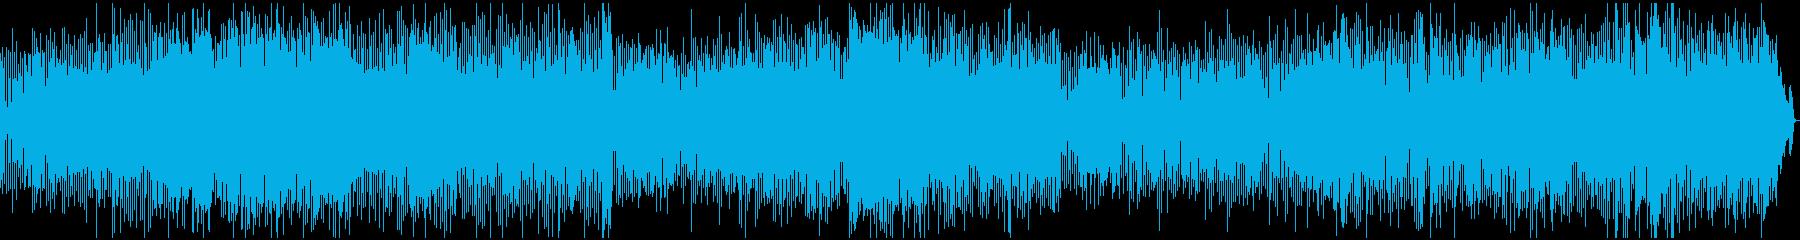 ビブラフォンが印象的なファンクロックの再生済みの波形